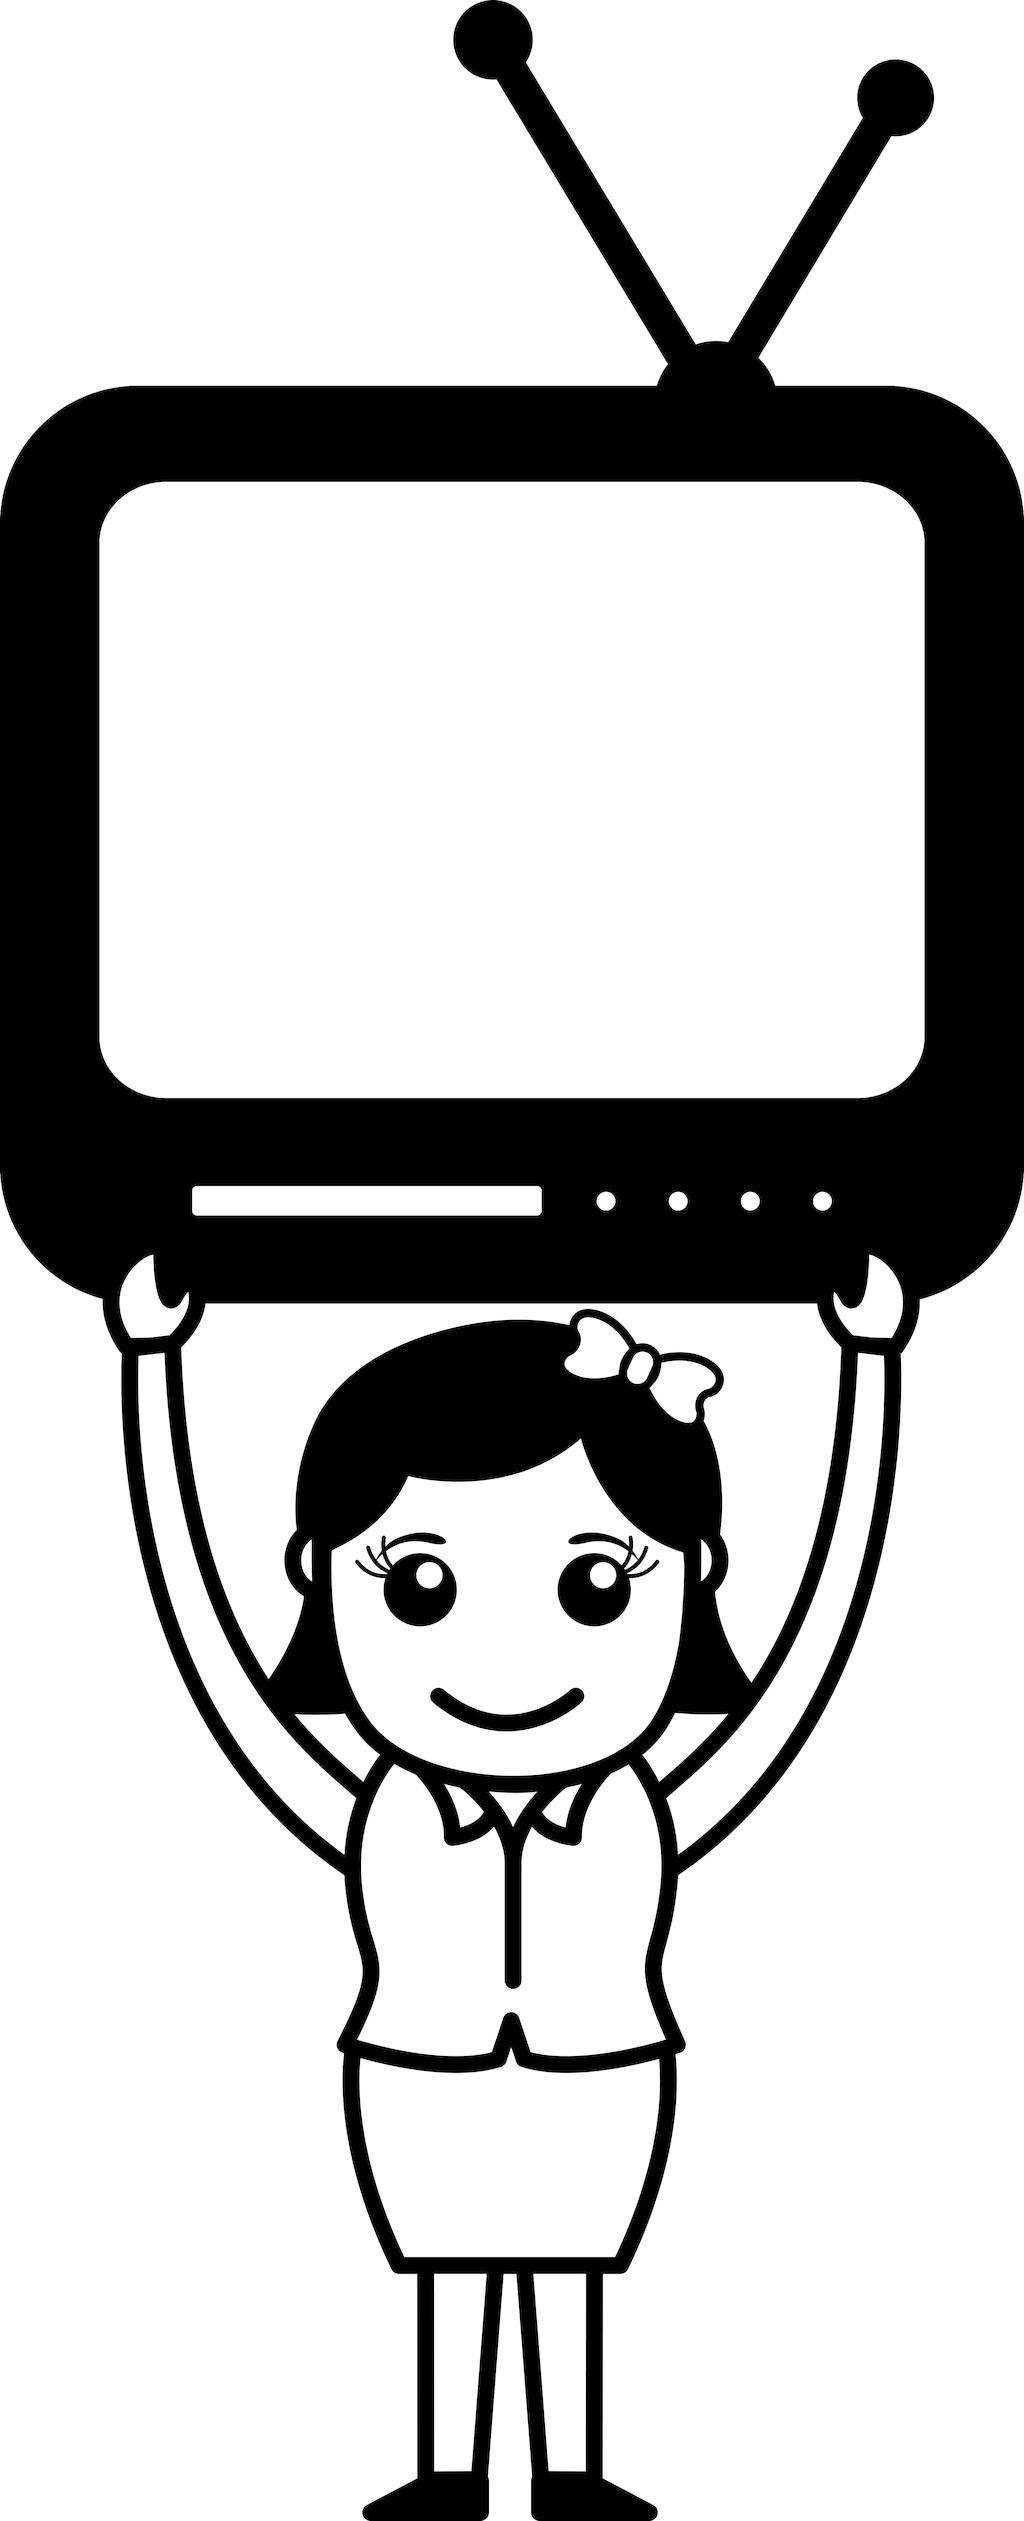 电视简笔画-电视机卡通矢量图 电视机没信号矢量图